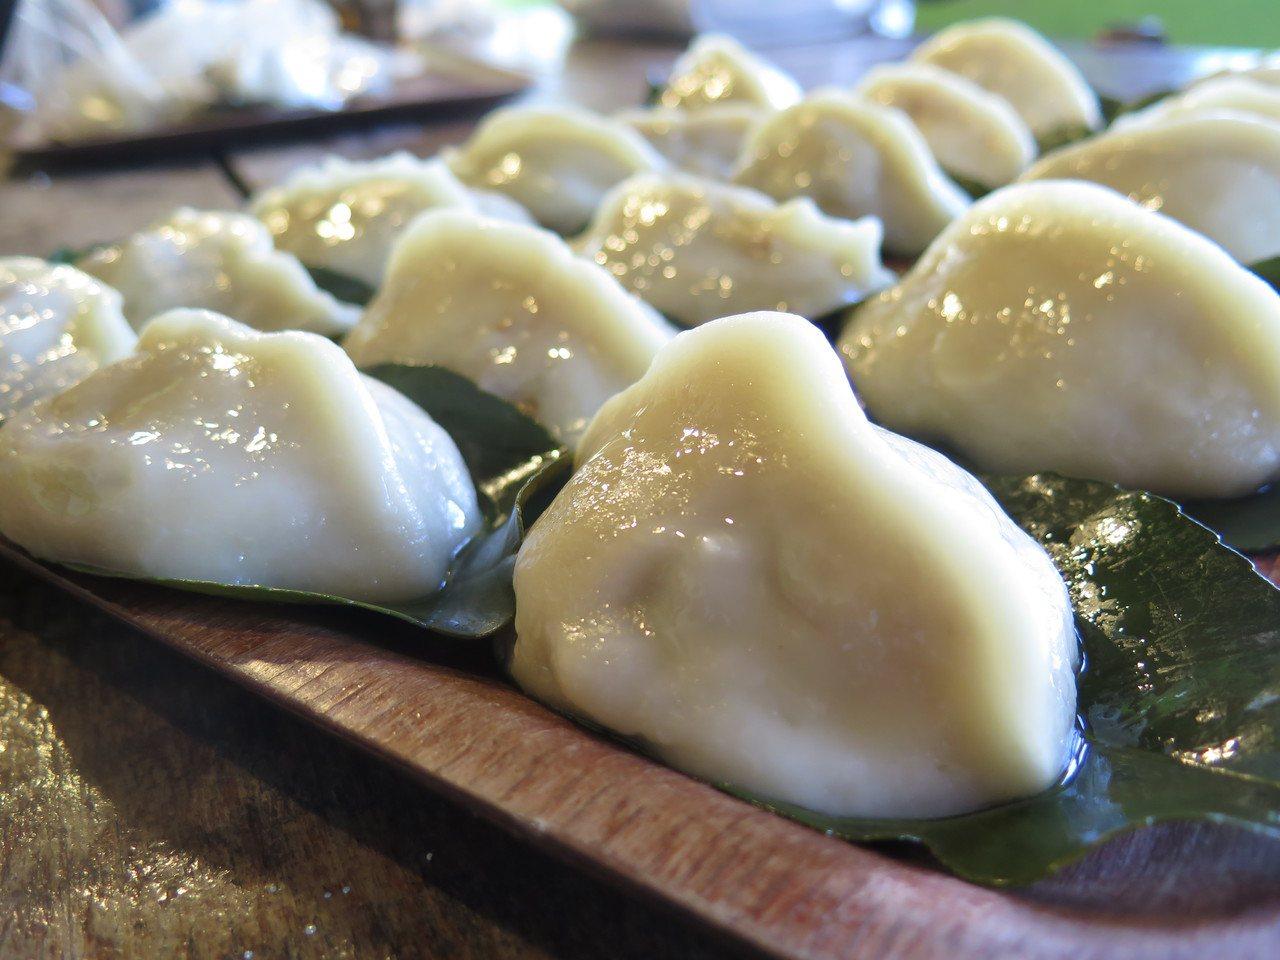 濃郁米漿做成外皮裹著鹹香多汁的蘿蔔絲。 記者徐庭揚/攝影